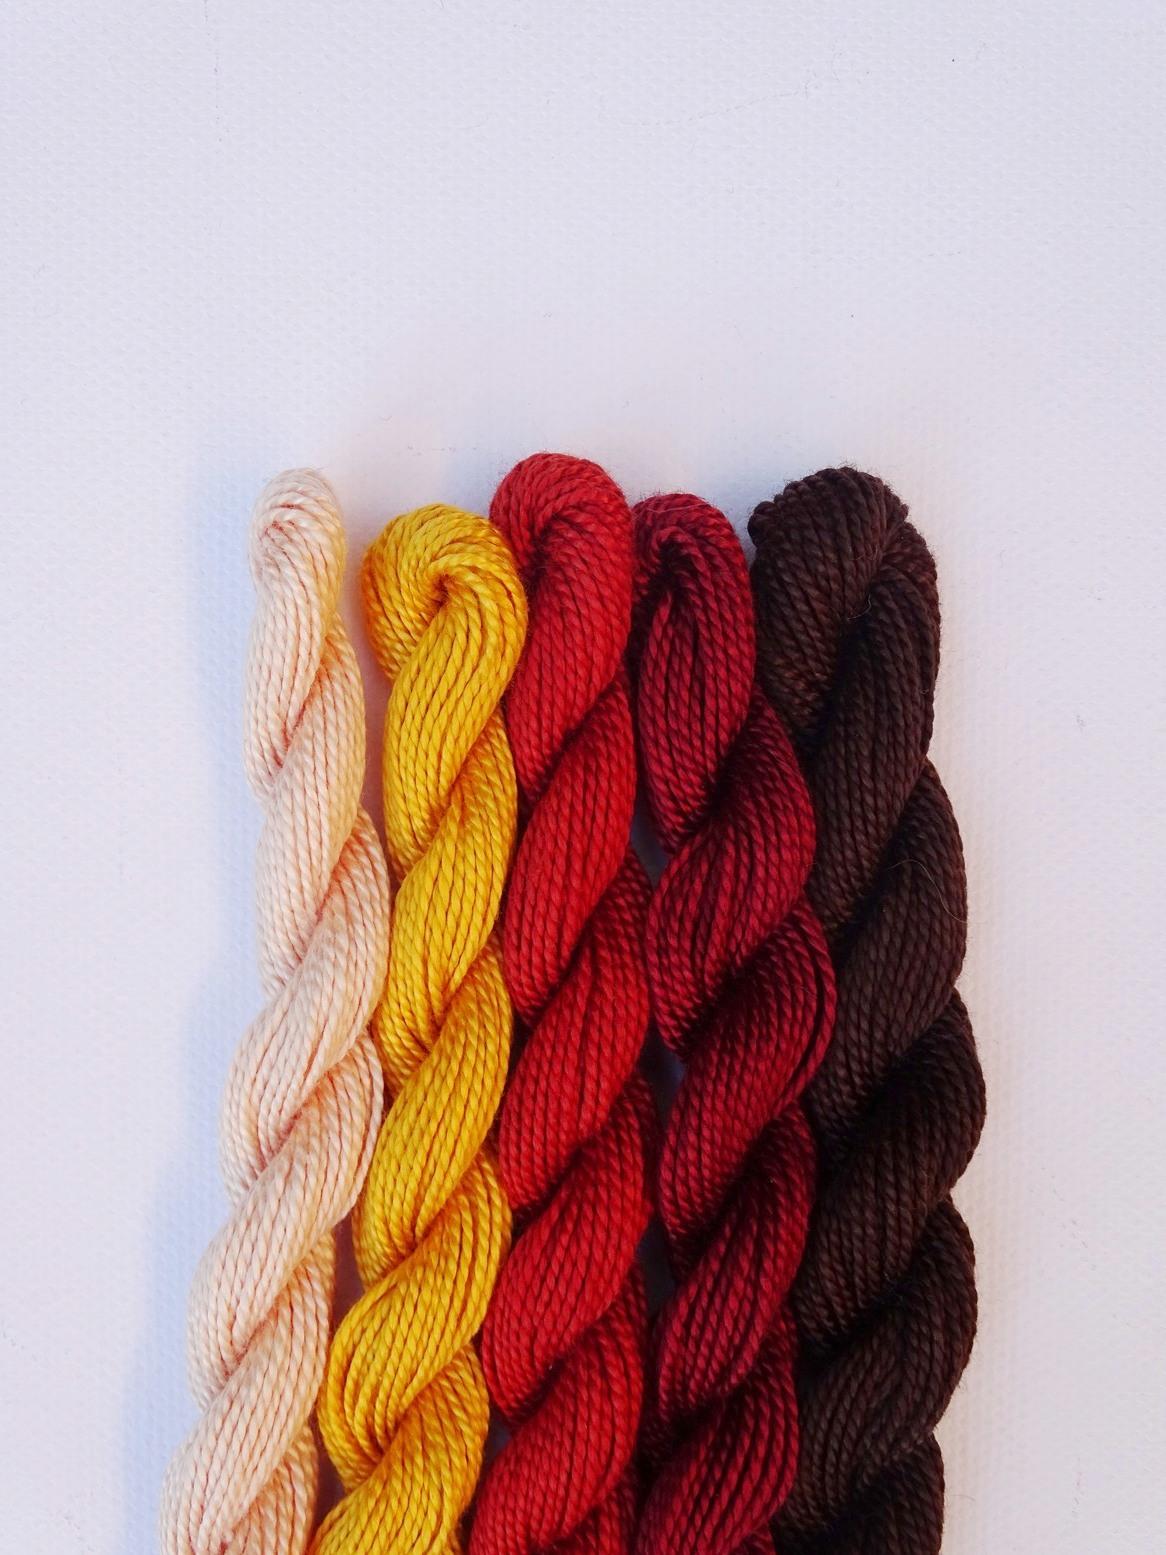 Herbstliche Farbkombination mit Braun, Rost, Fuchsrot, Sonnengelb, Puder